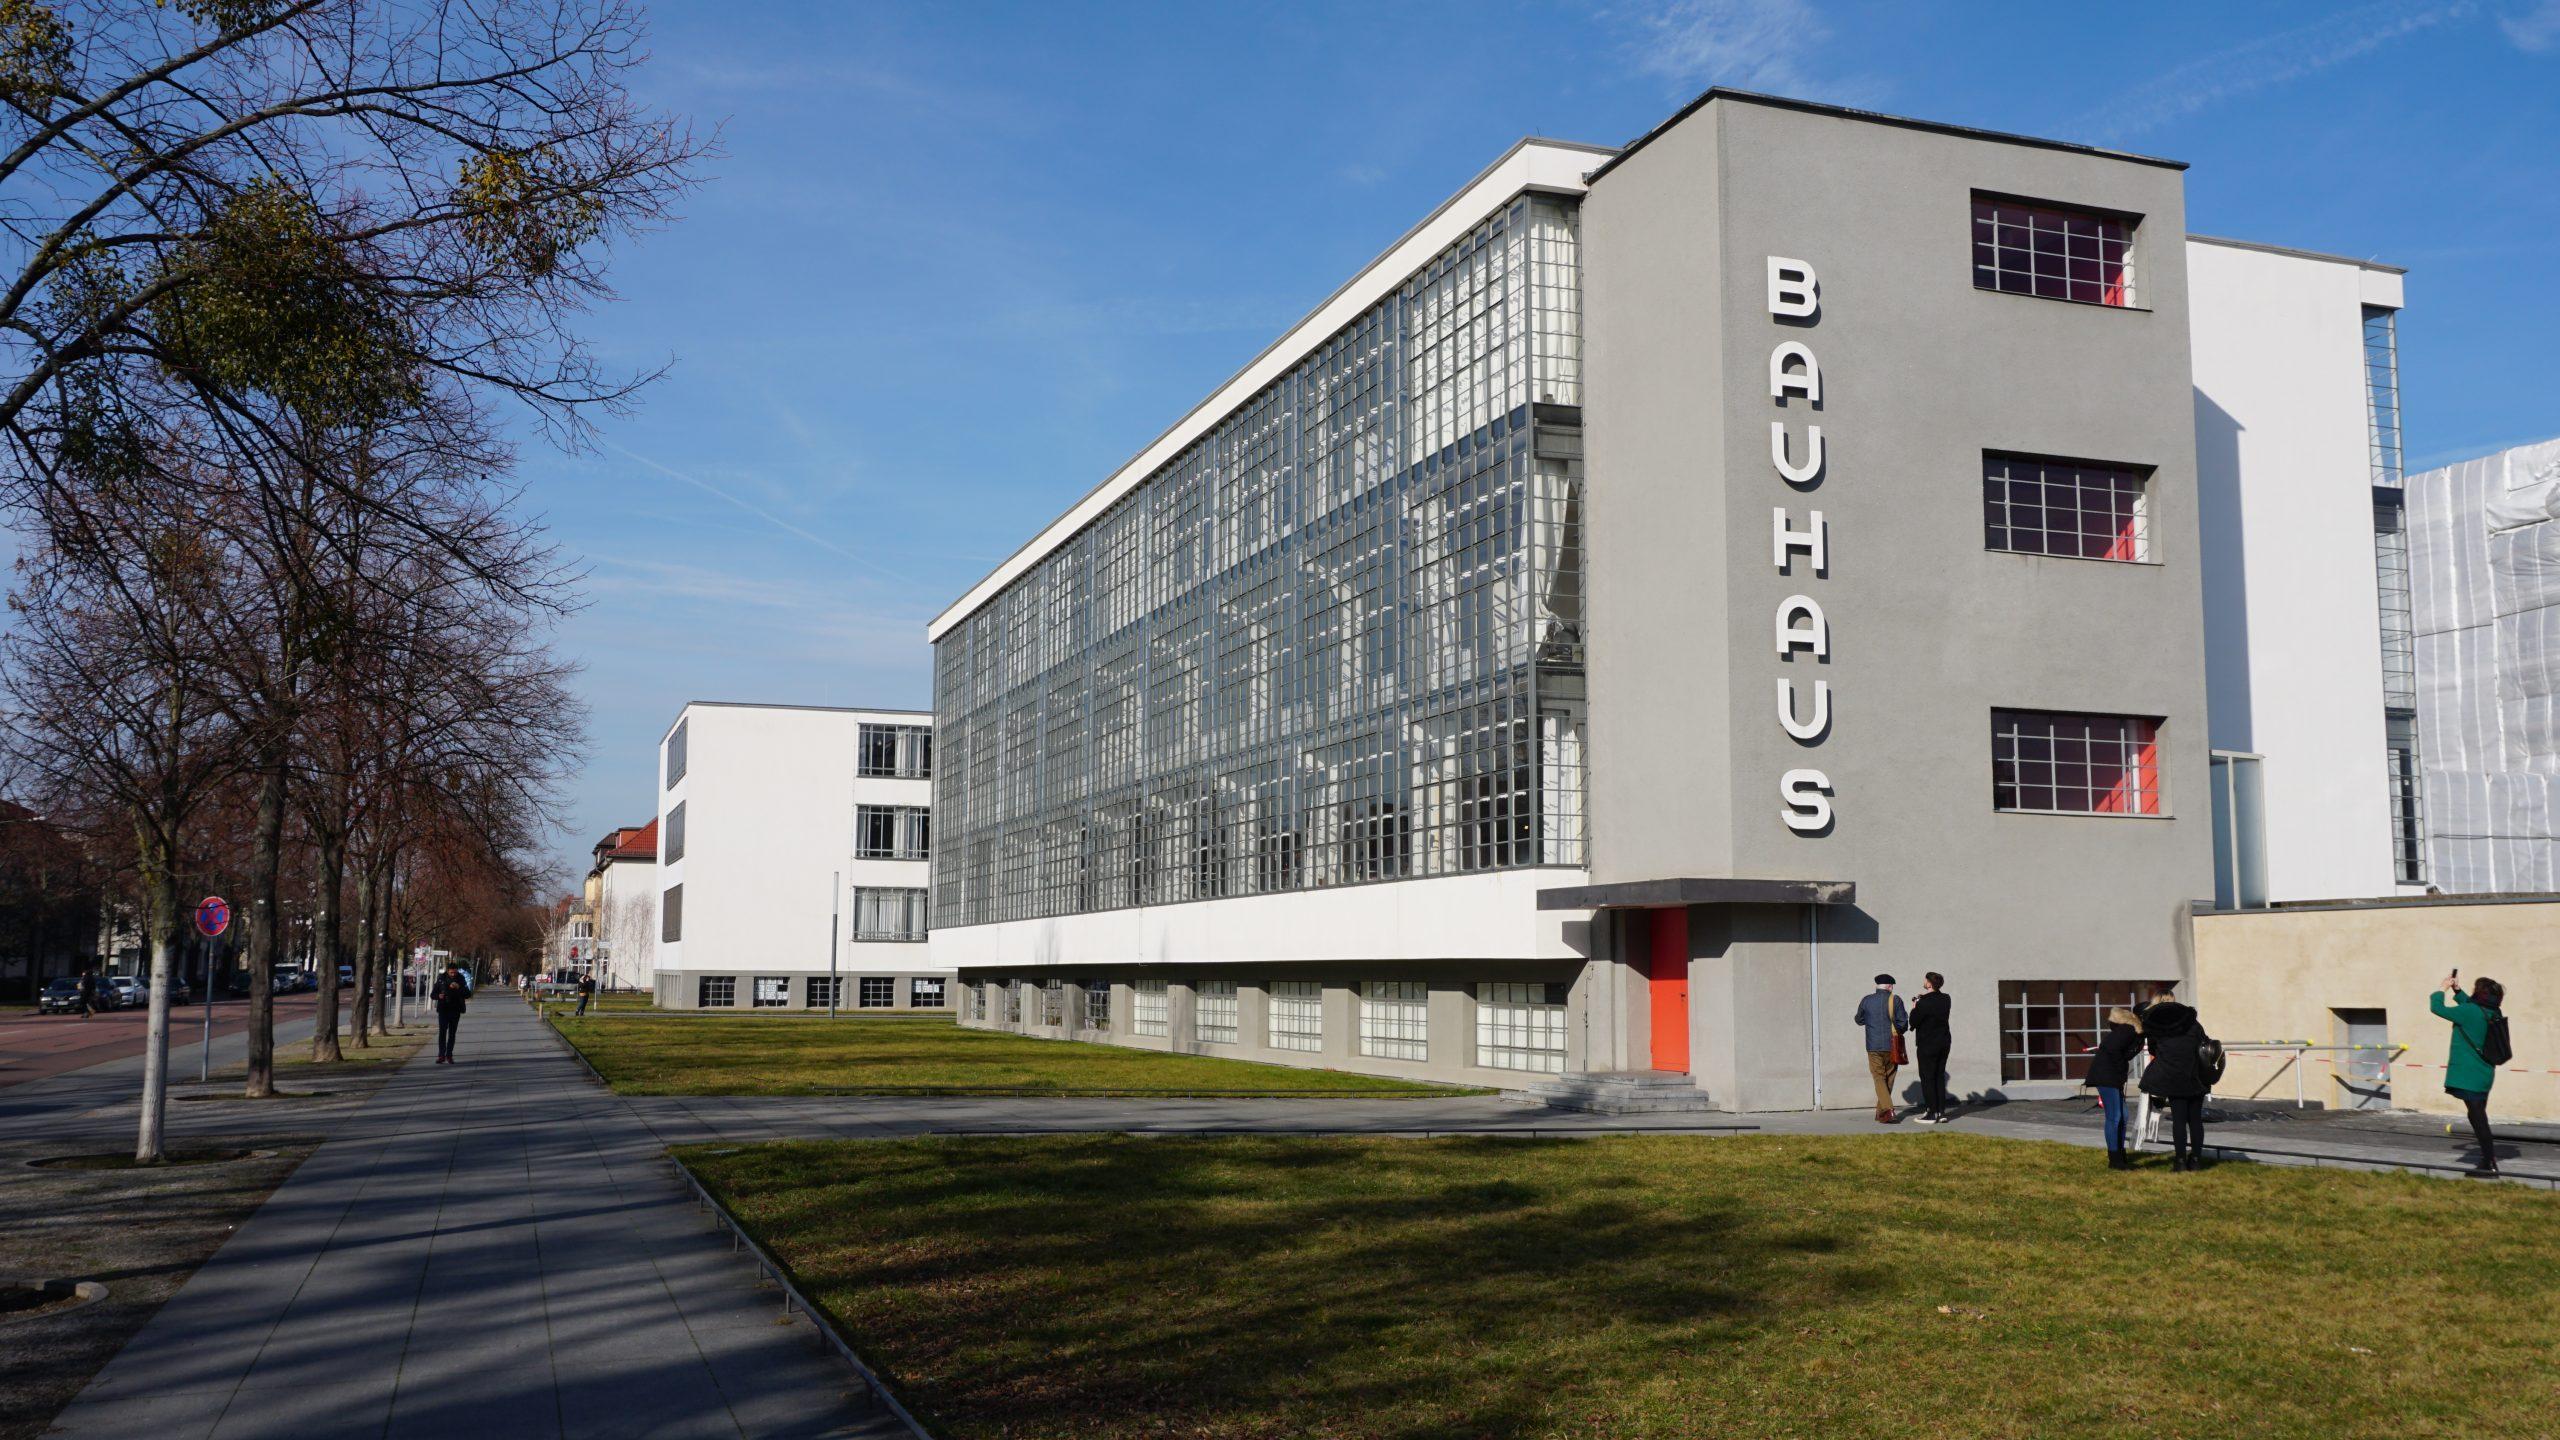 Das Bauhaus-Akademiegebäude in Dessau